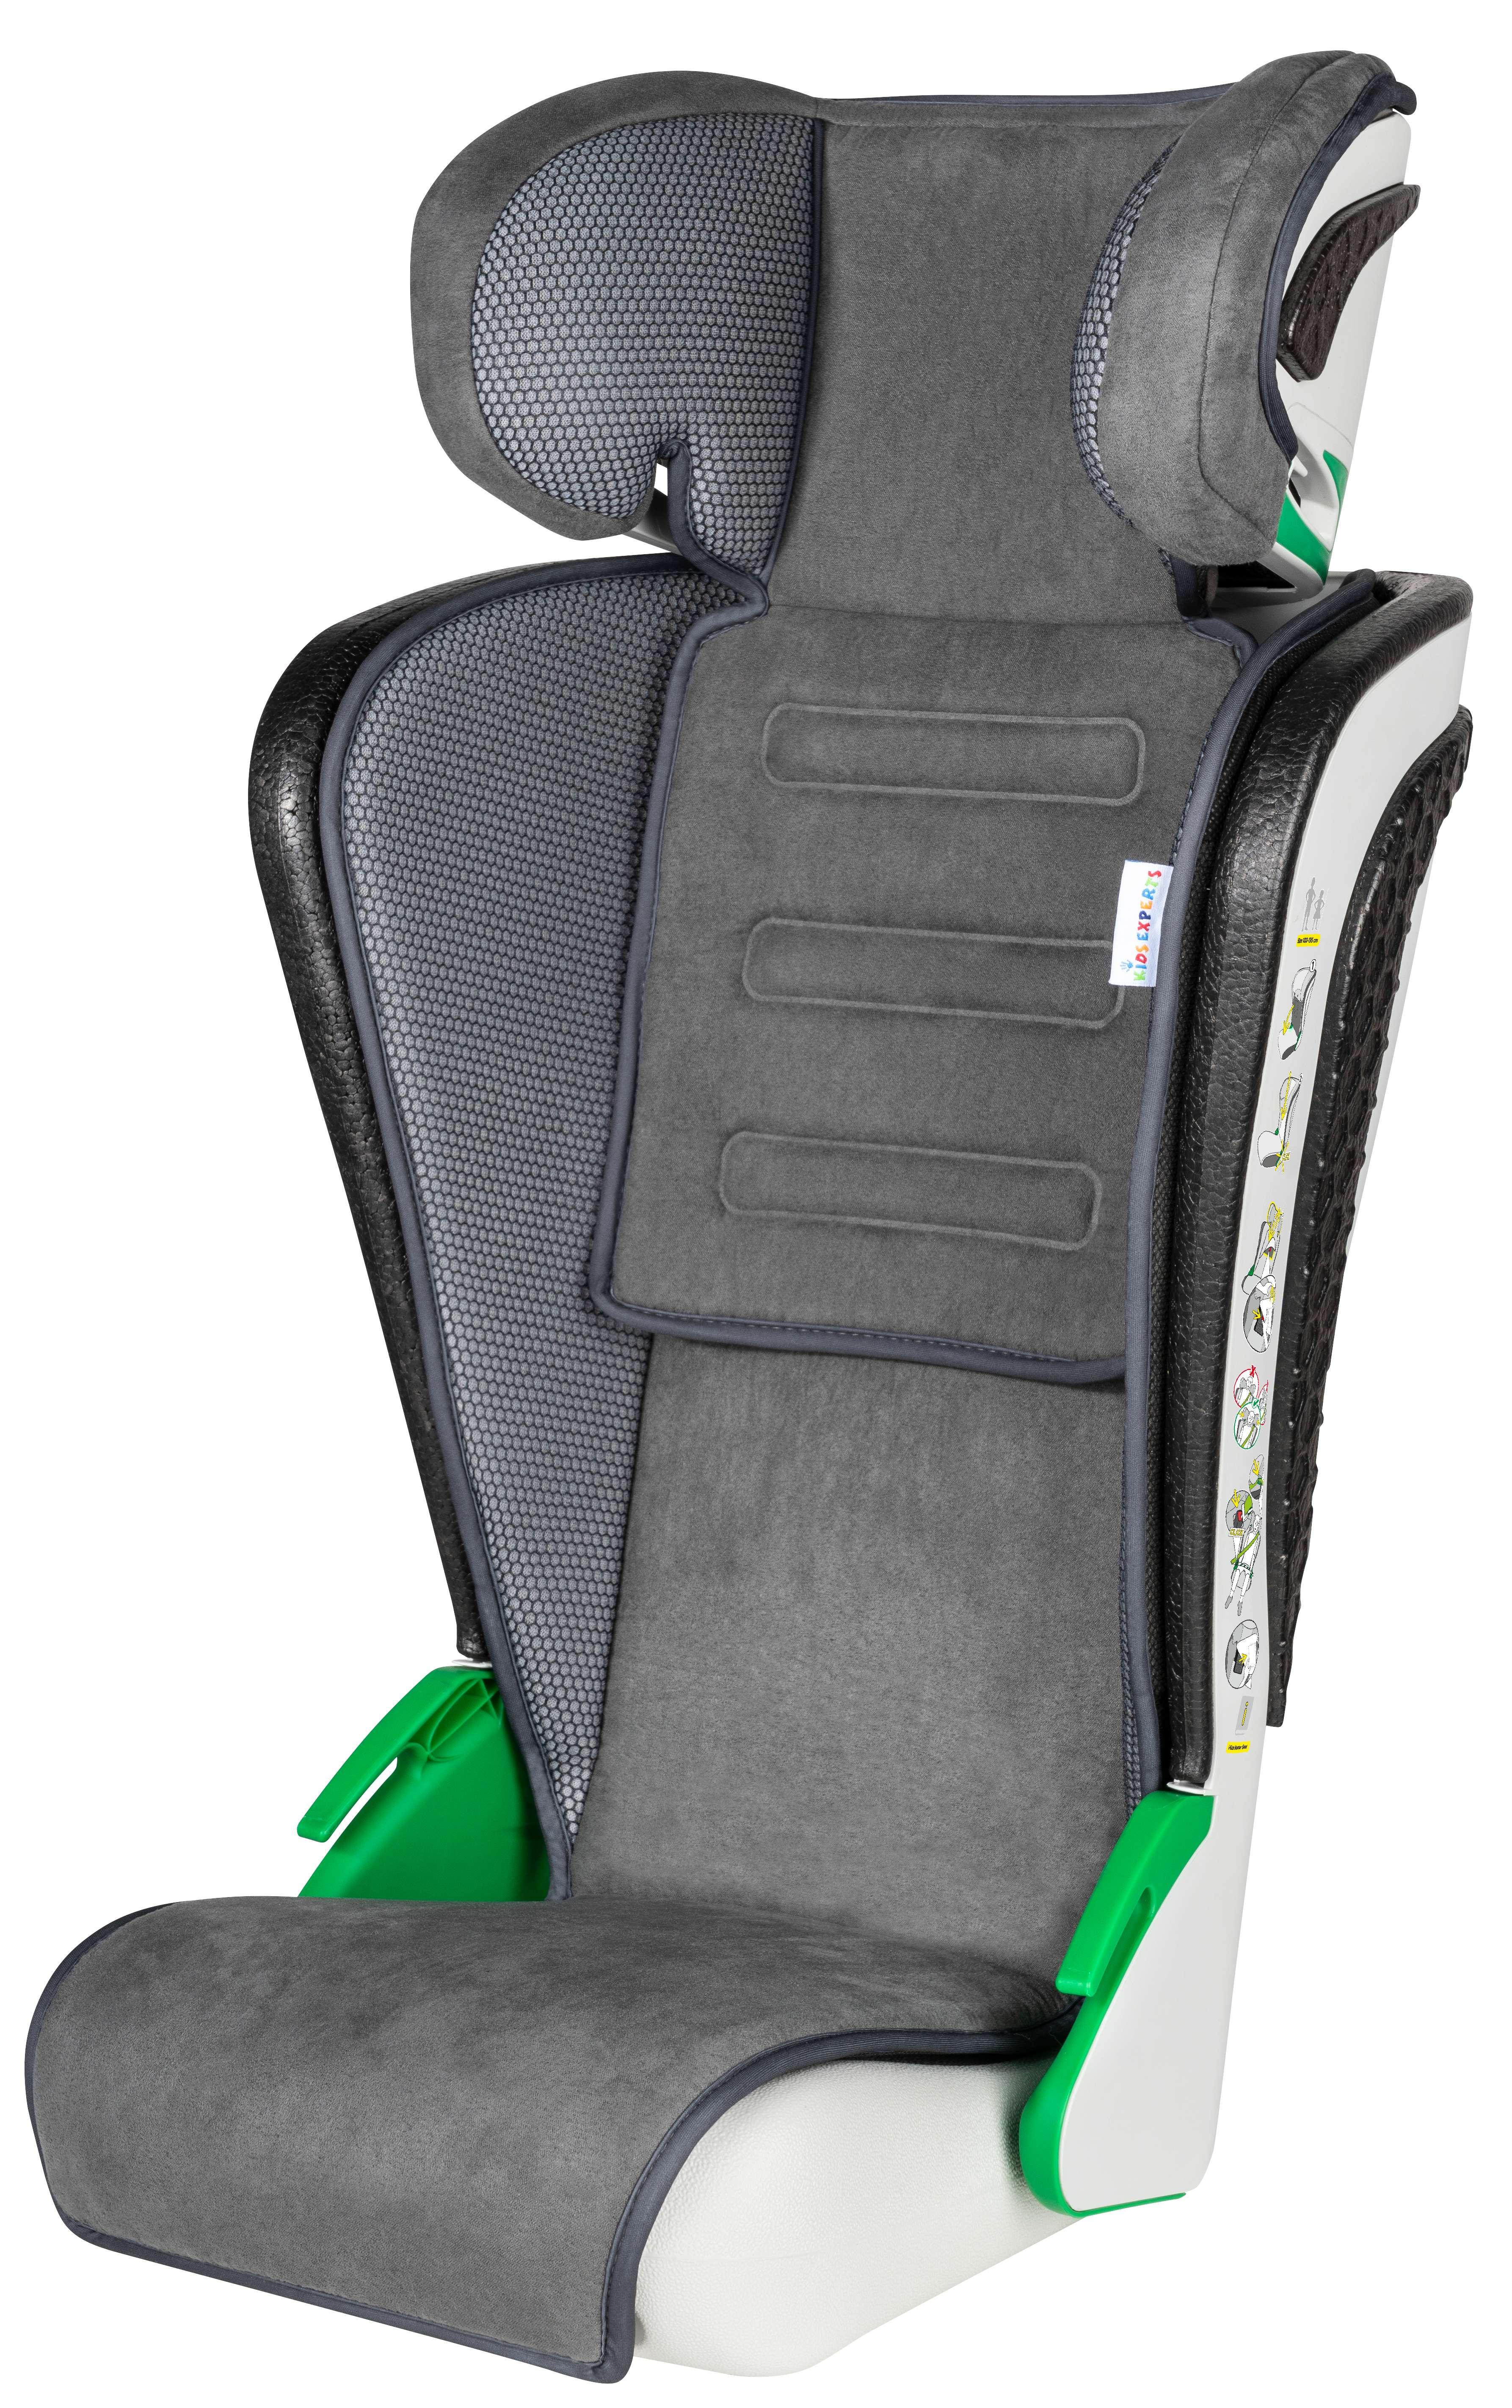 Autokindersitz Autositz Kinderautositz 3-8 Jahren 100-135cm ECE 129 anthrazit